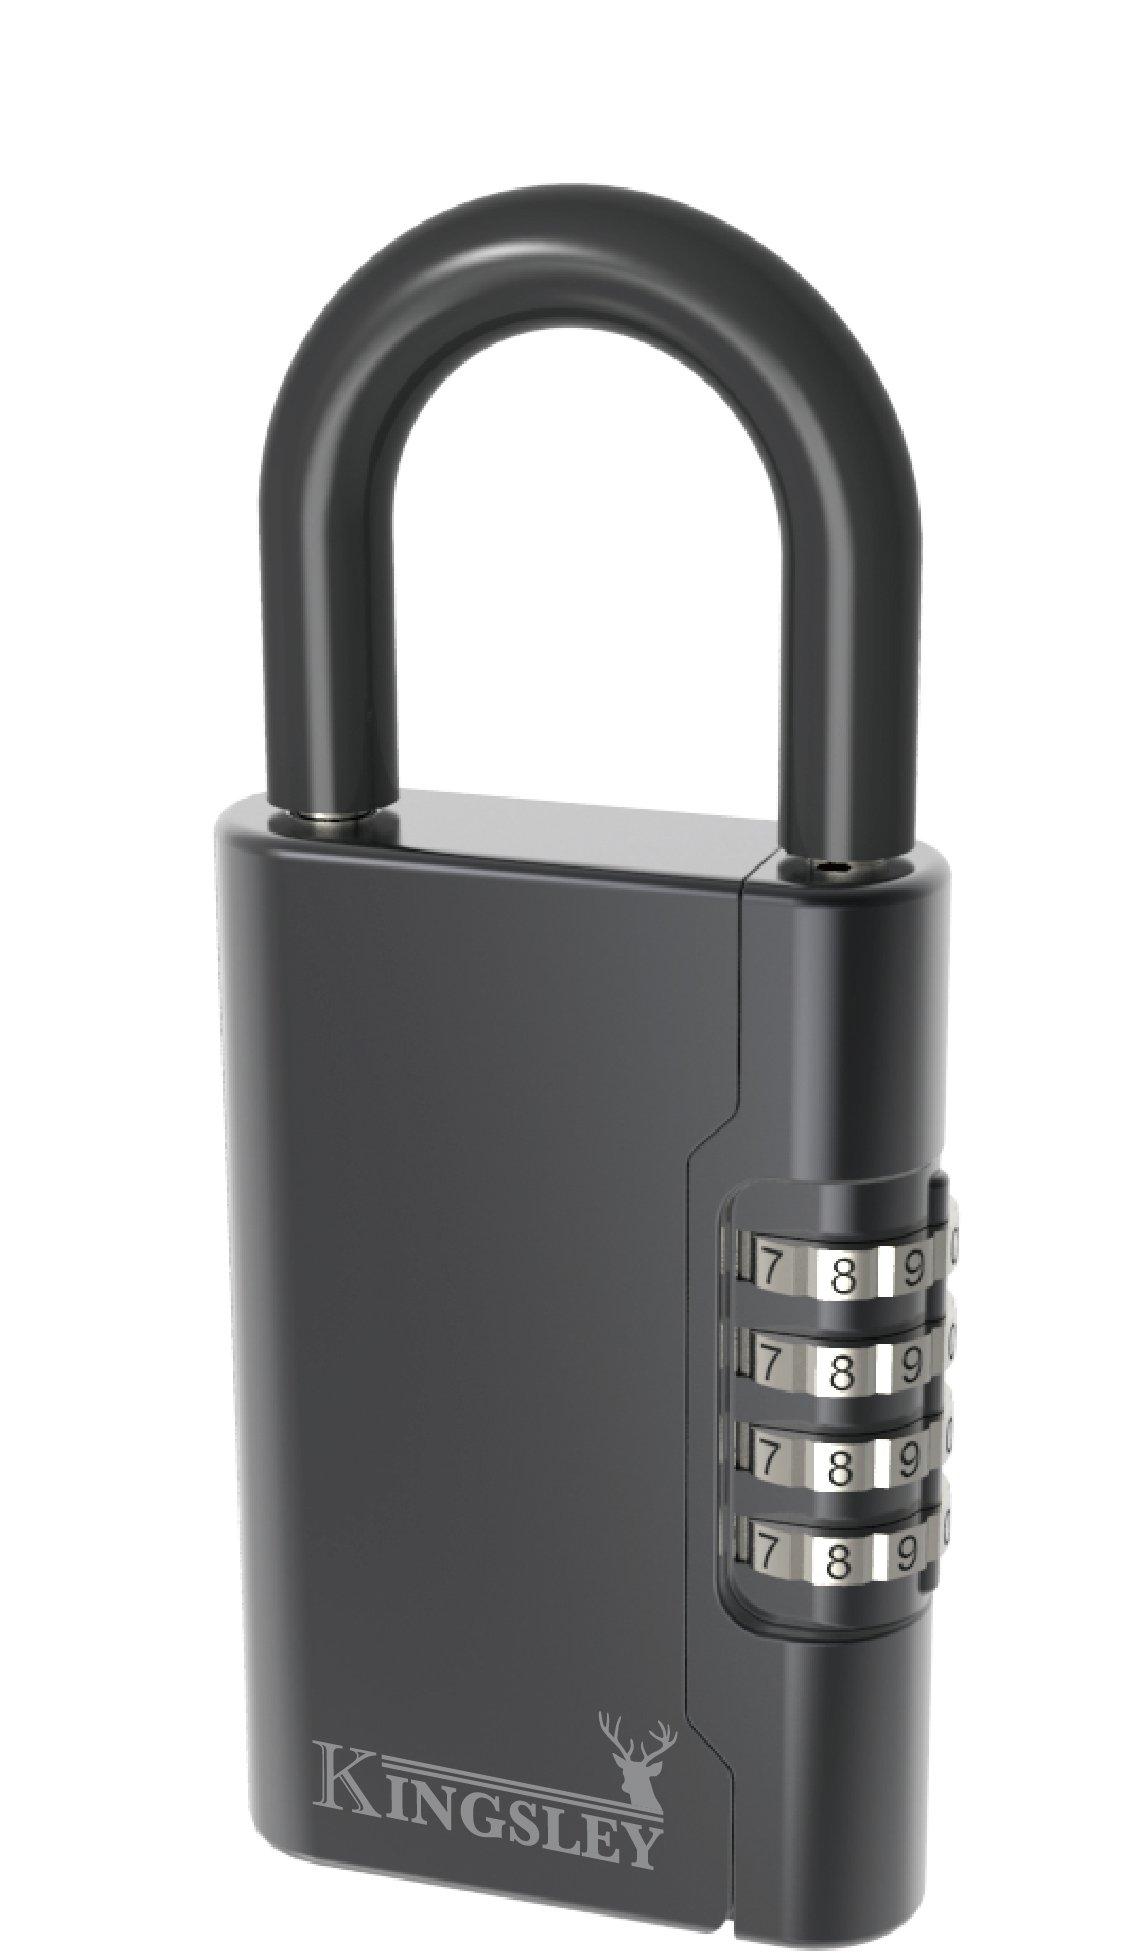 Kingsley Guard-a-key Black Realtor's Lockbox by Kingsley